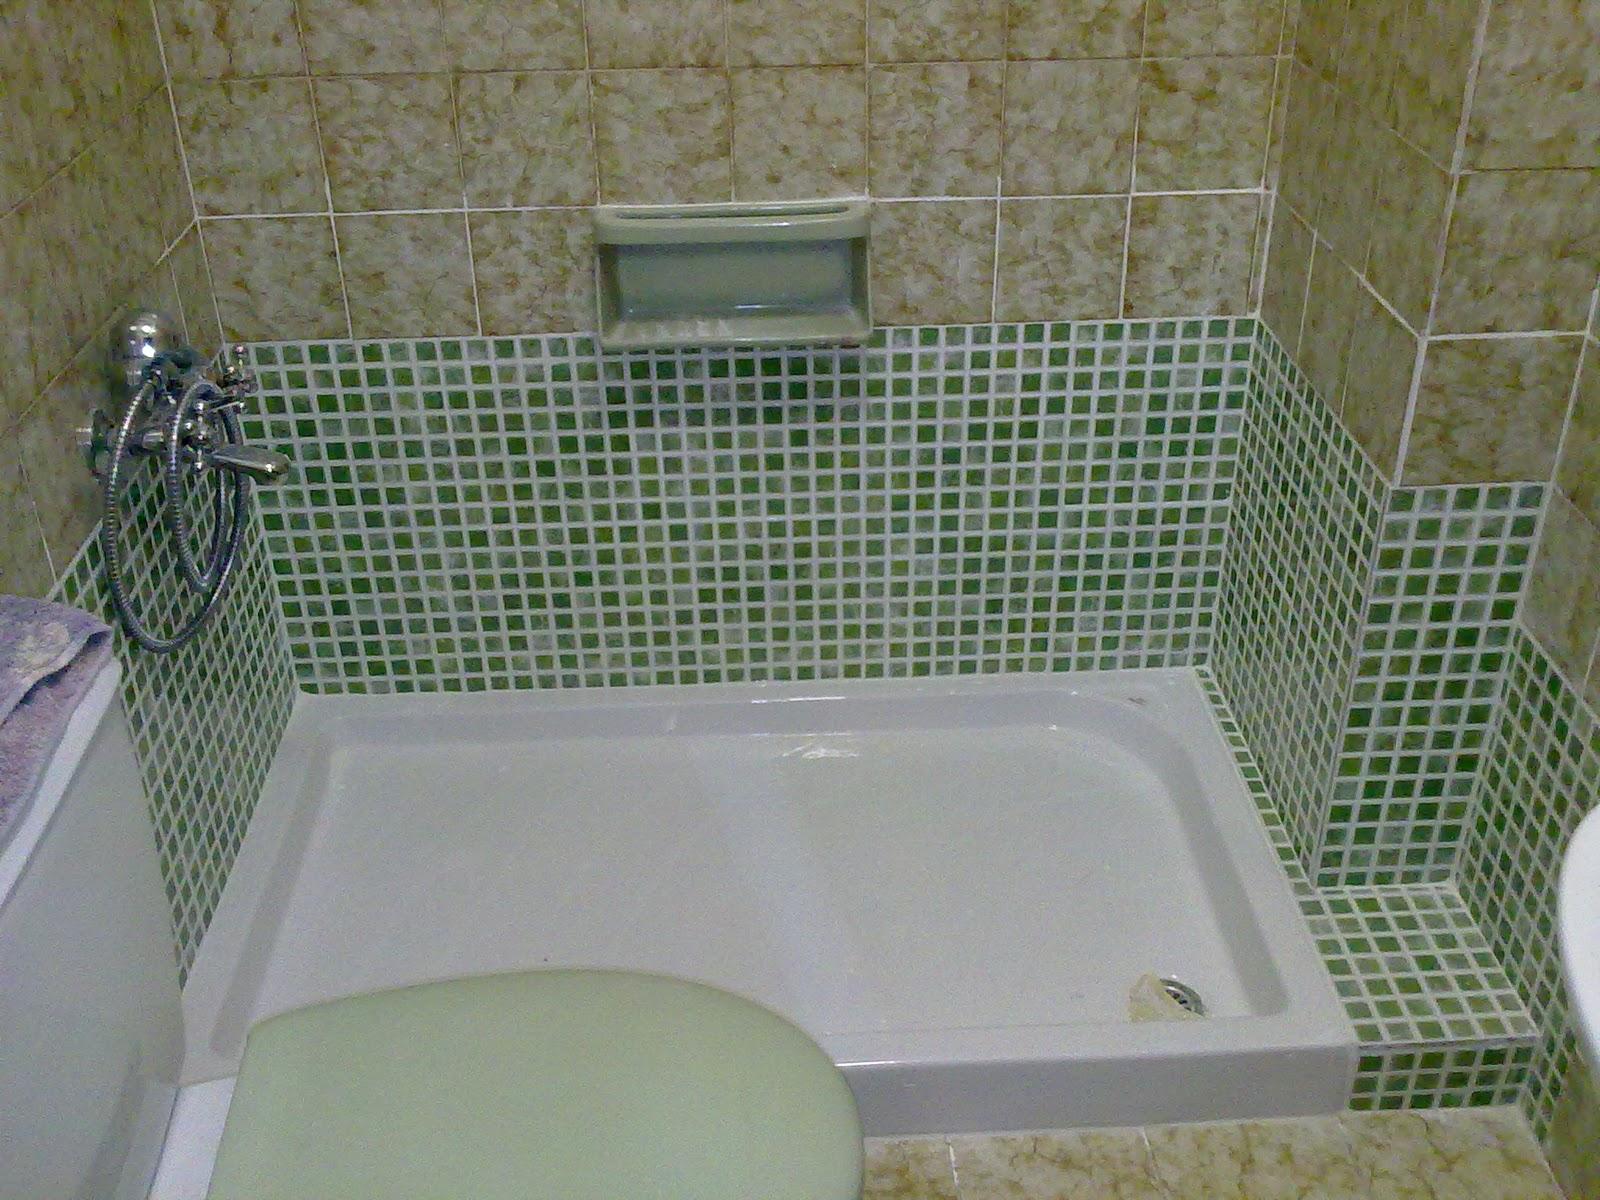 Fontaneria ro ma sustitucion de ba era por ducha - Sustitucion de banera por plato de ducha ...